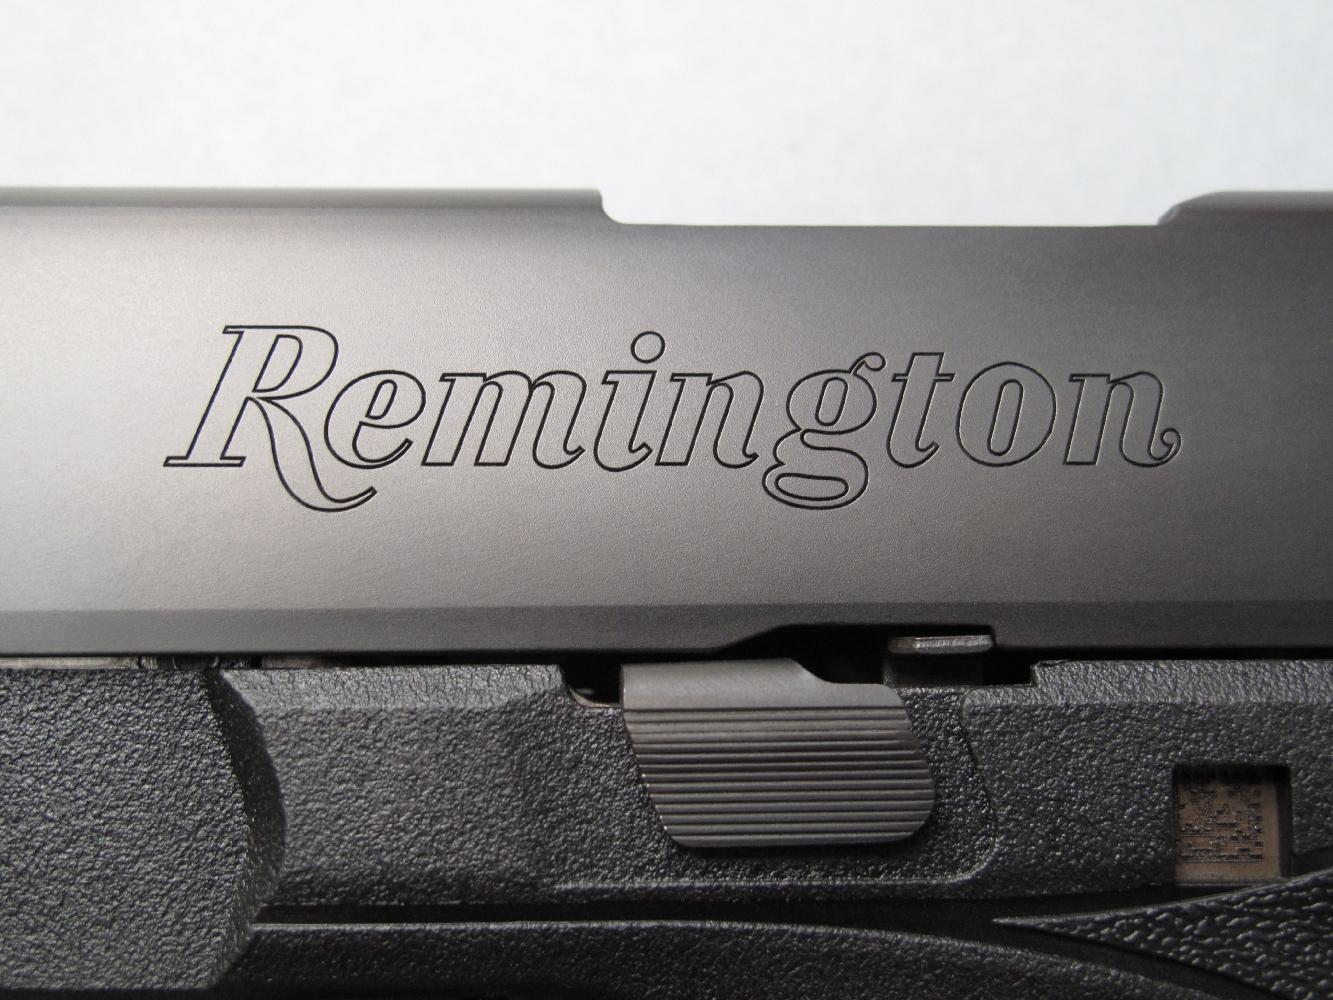 Le nom du célèbre fabricant américain est profondément gravé sur le flanc gauche de la culasse à glissière.